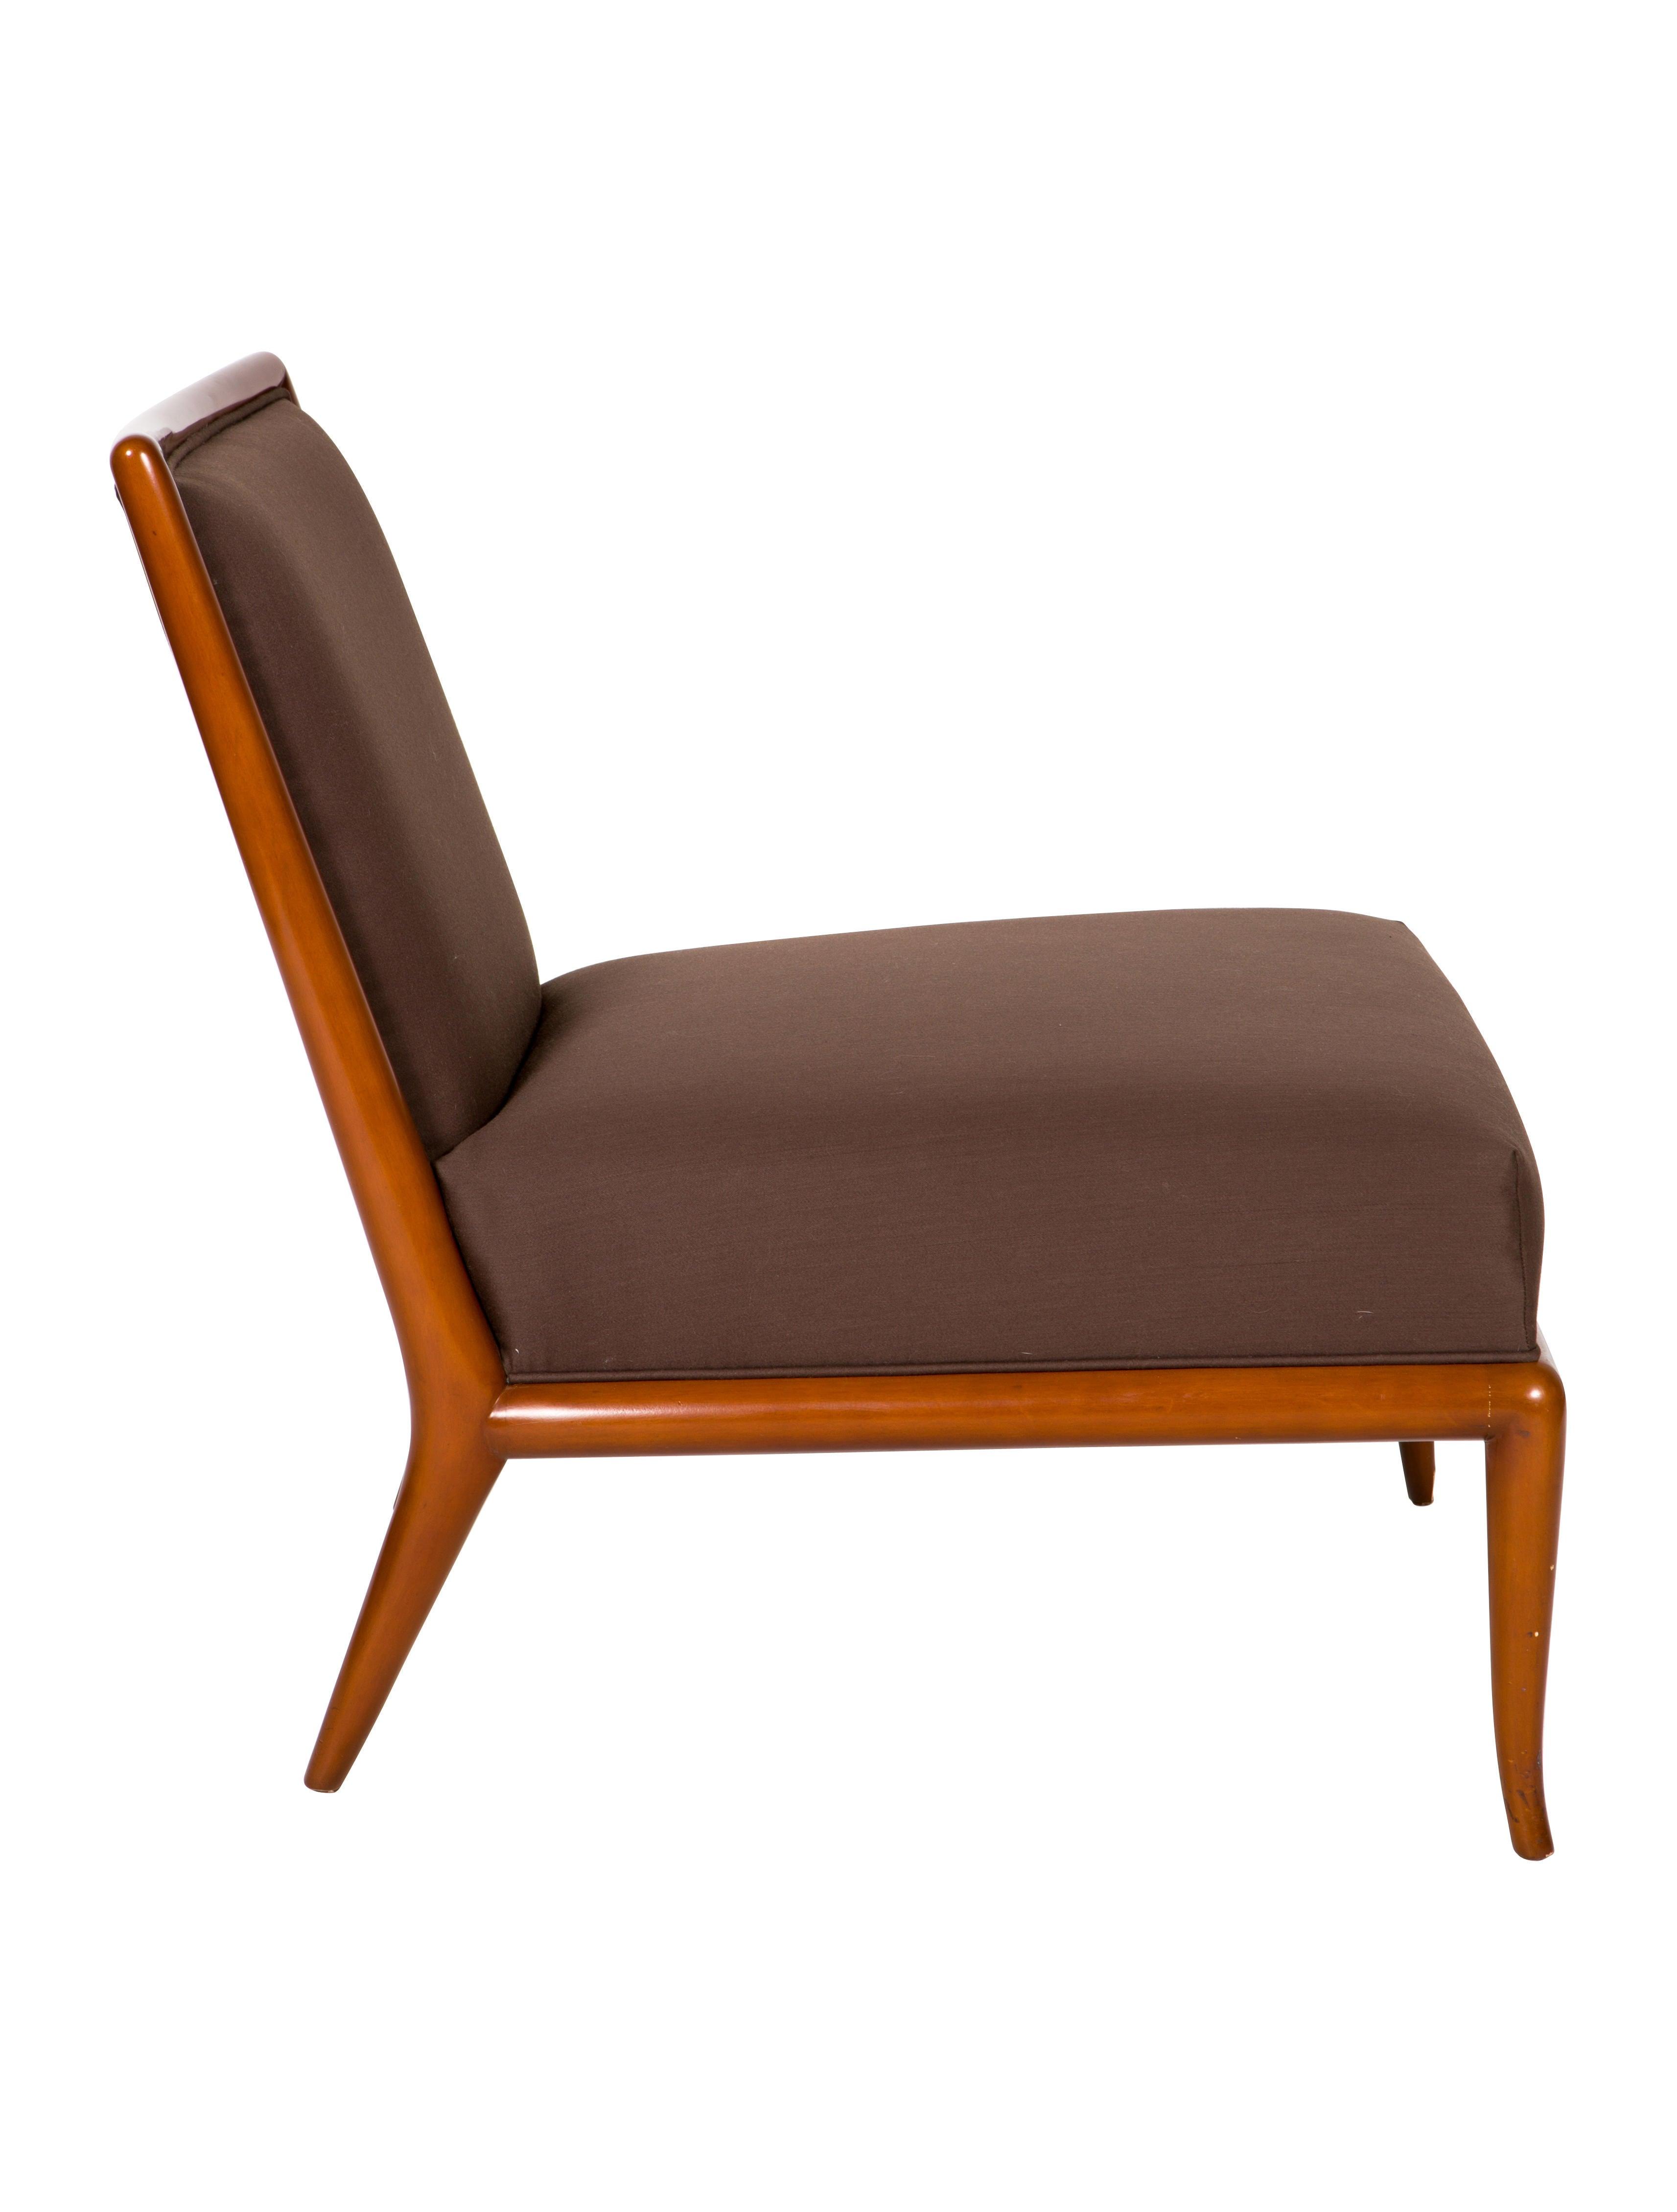 T H Robsjohn Gibbings Slipper Chairs Furniture